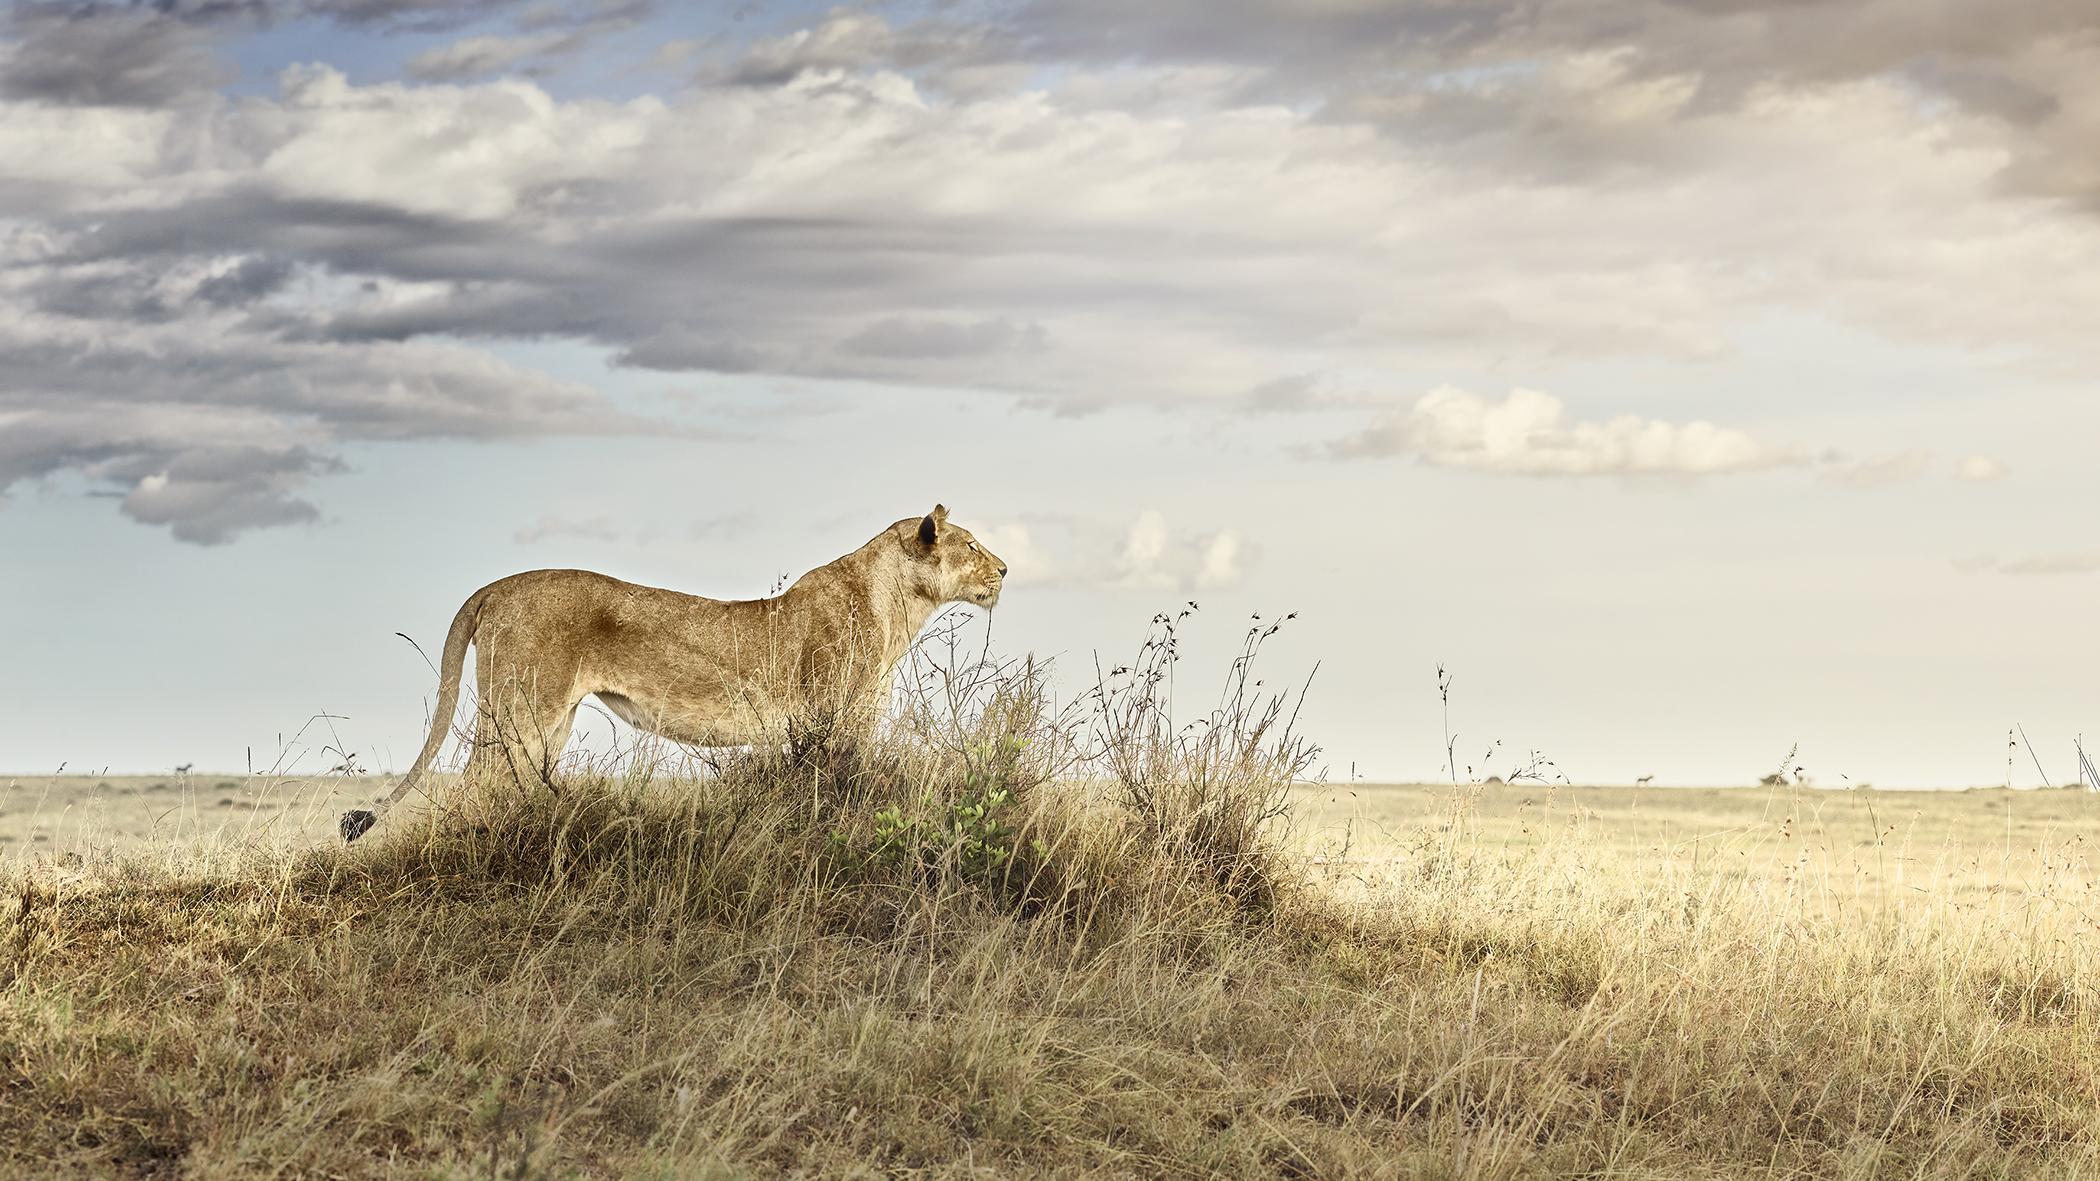 Lioness in Repose, Maasai Mara, Kenya 2019